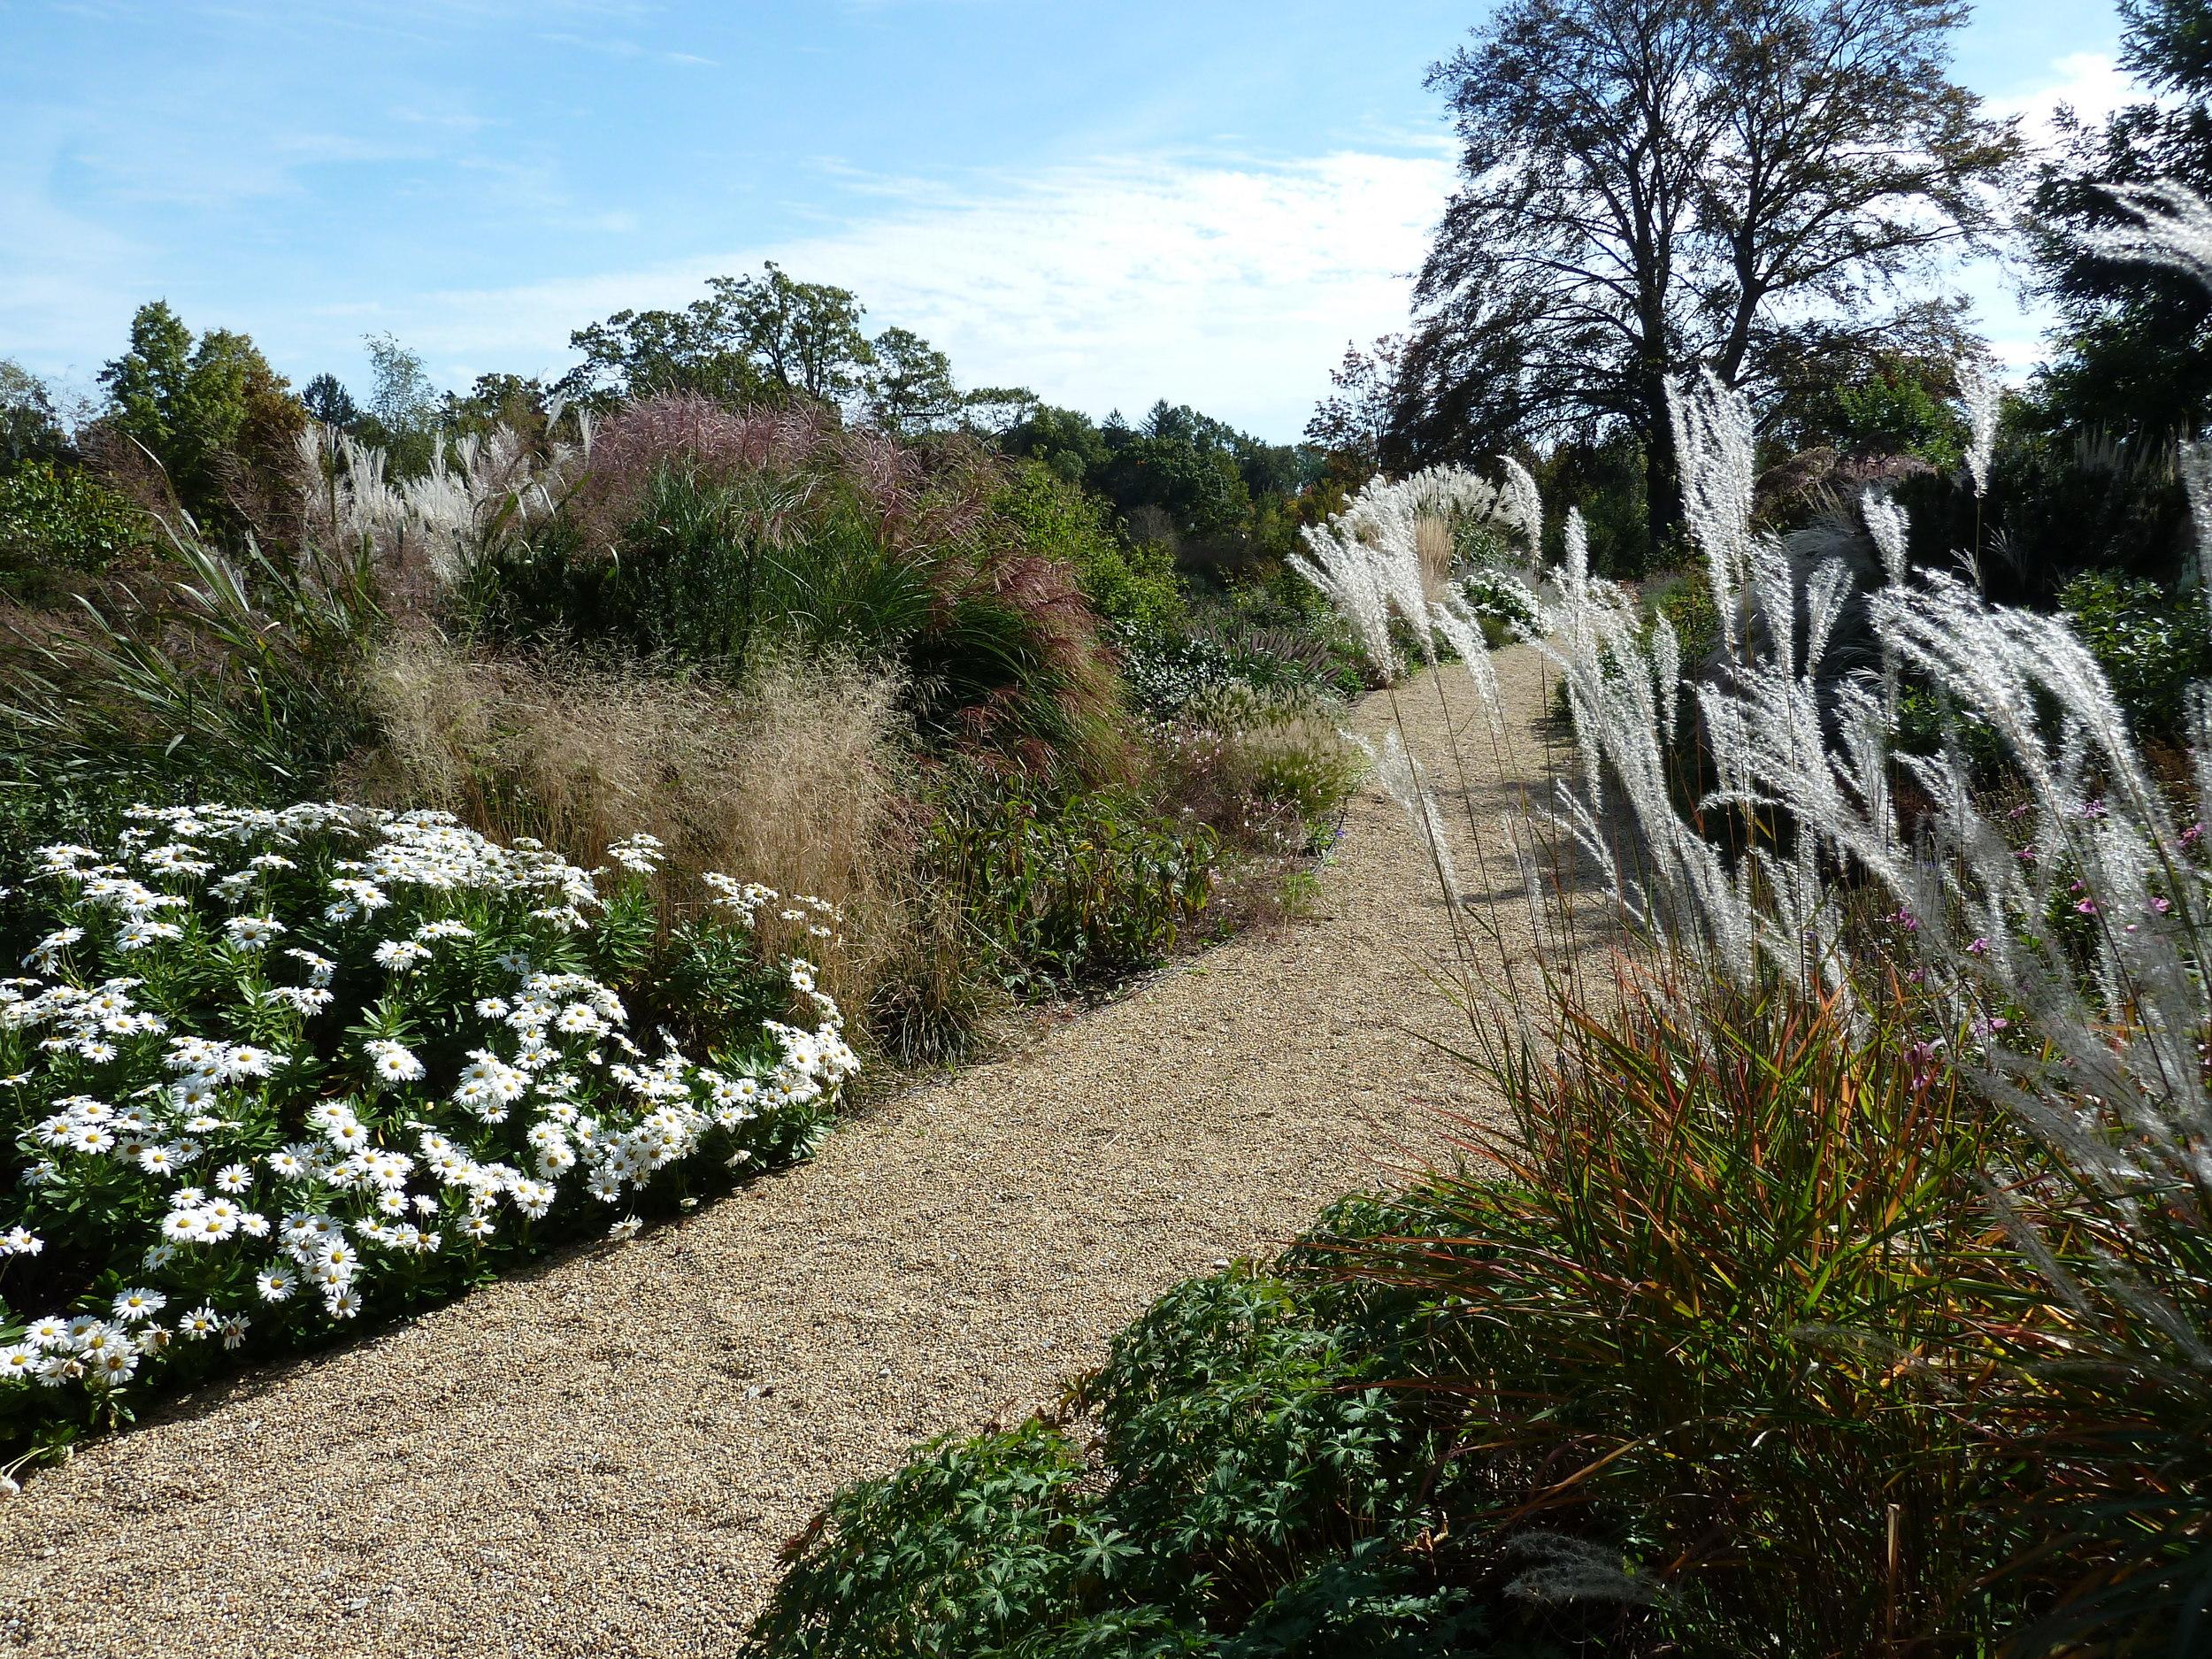 Roger Williams Park Botanical Center 4